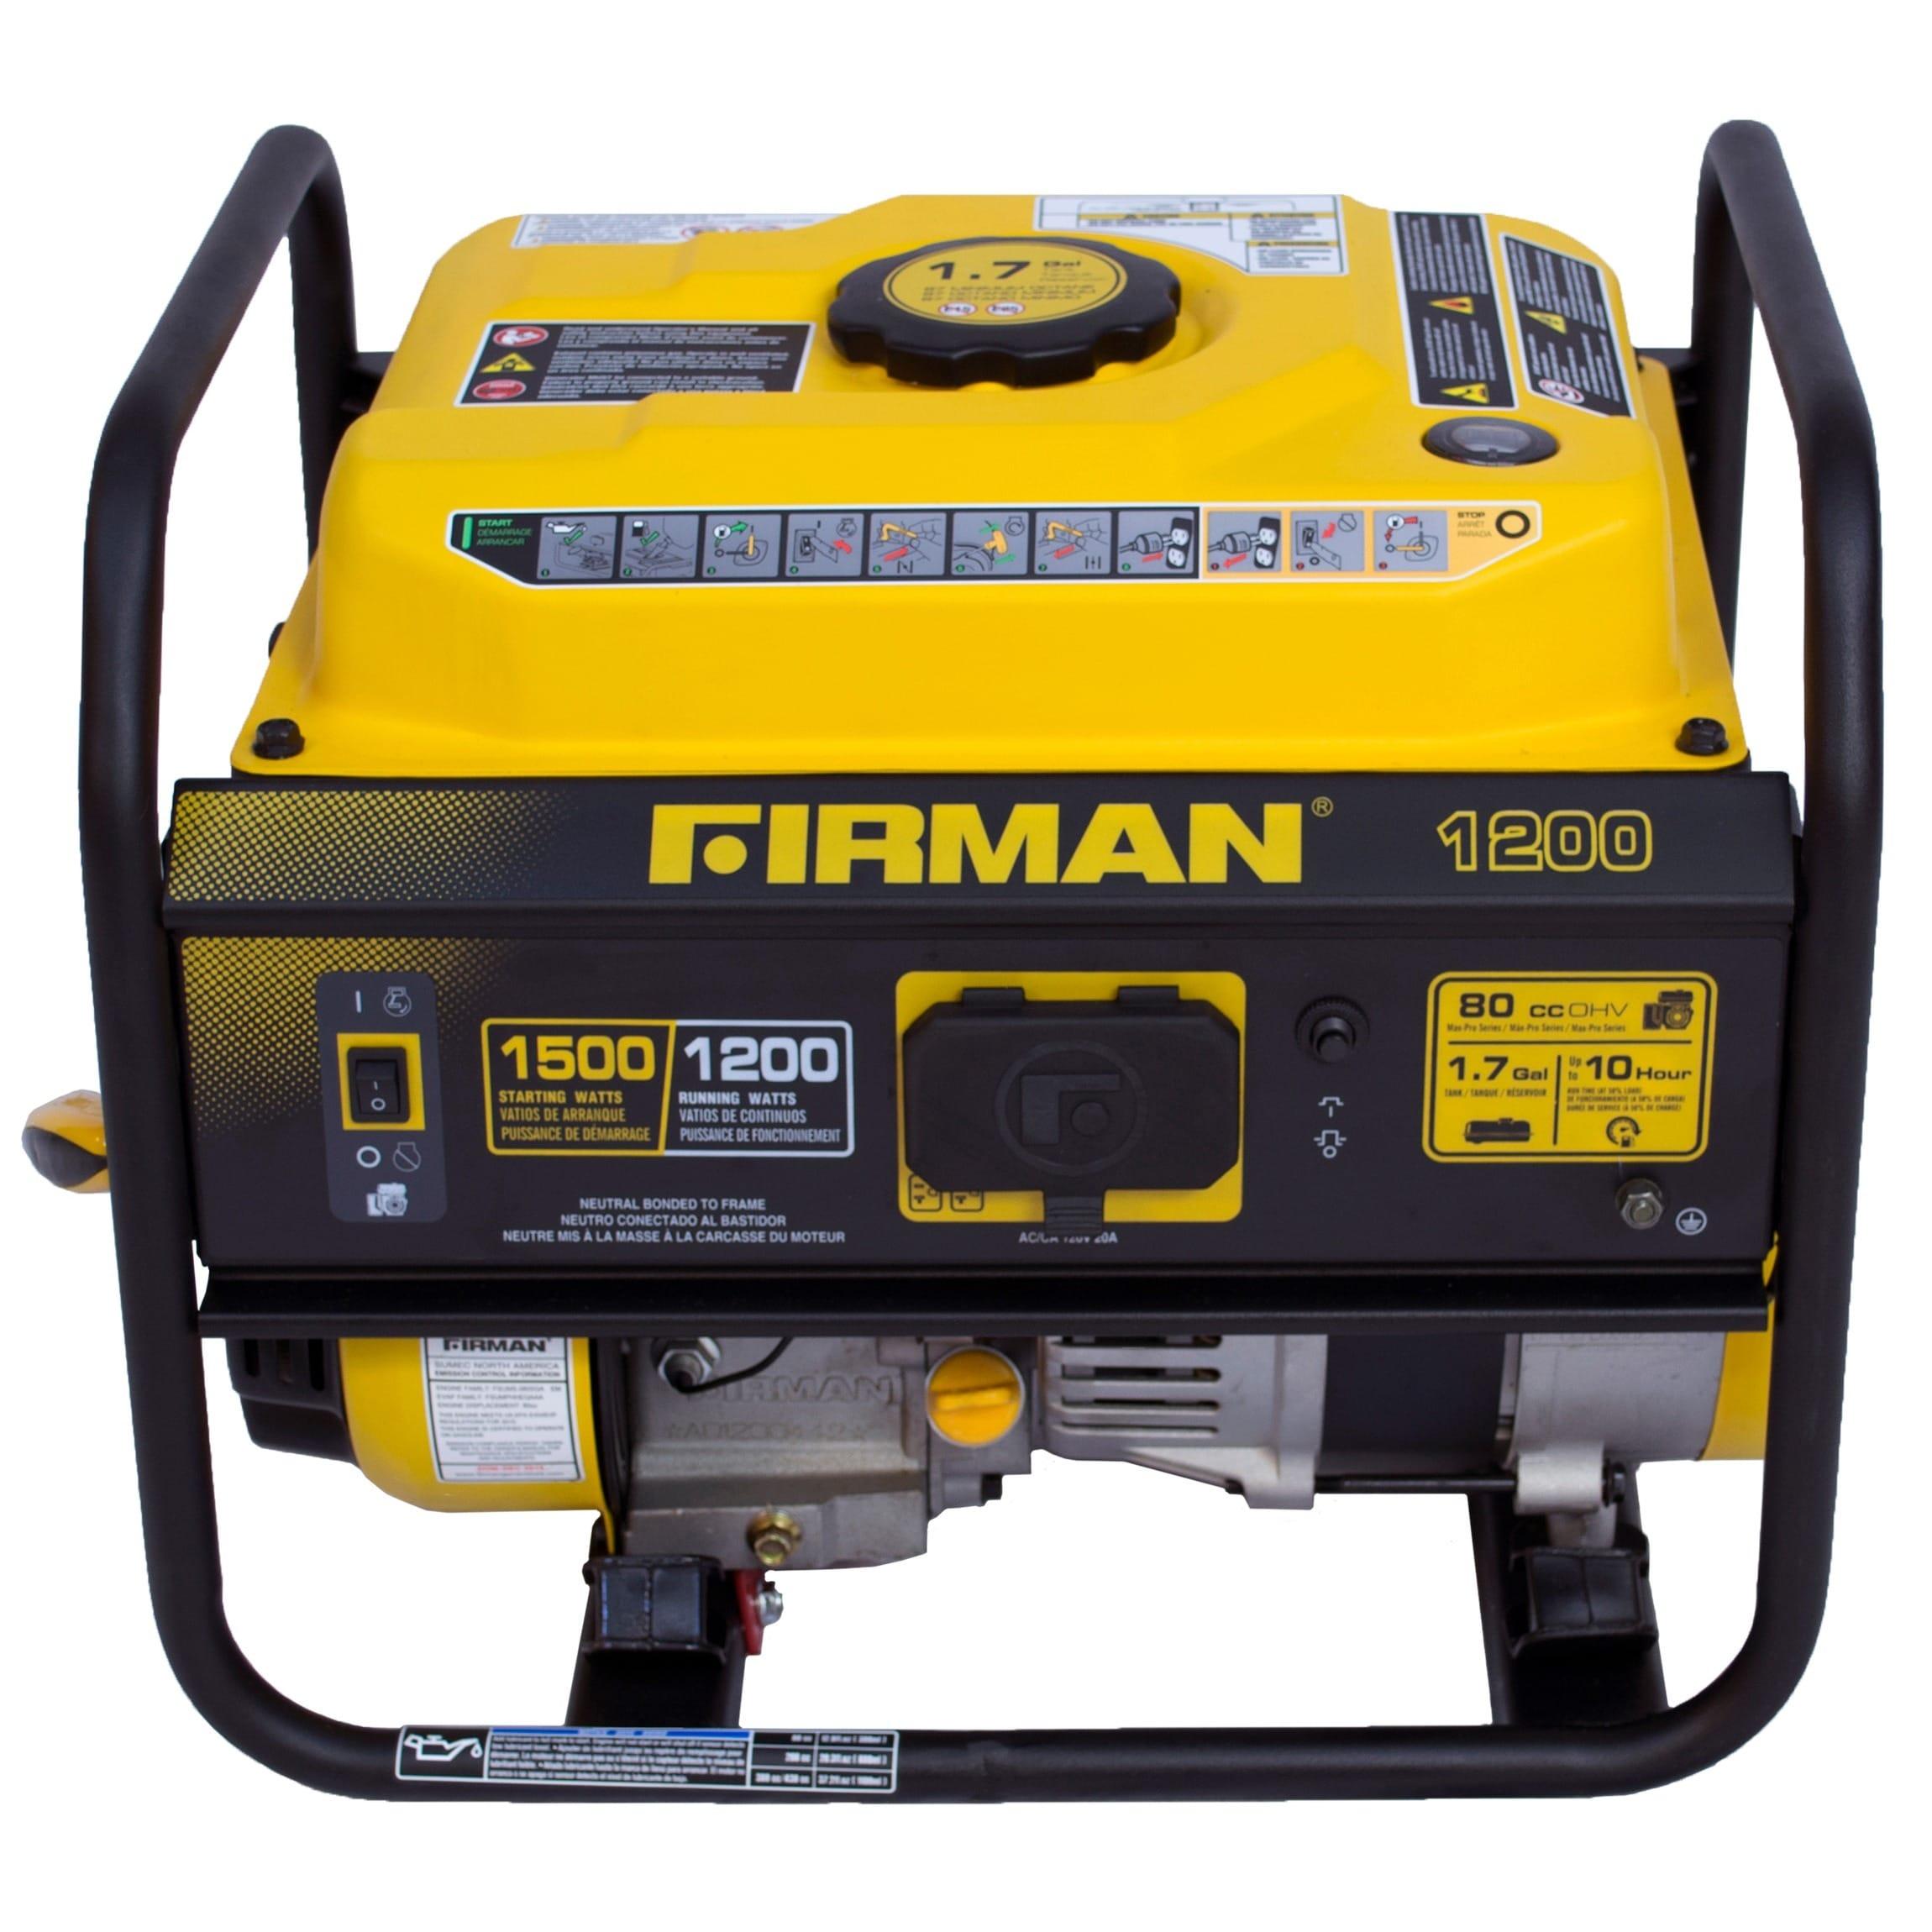 Firman Power Equipment P Gas powered 1200 1500 watt Portable